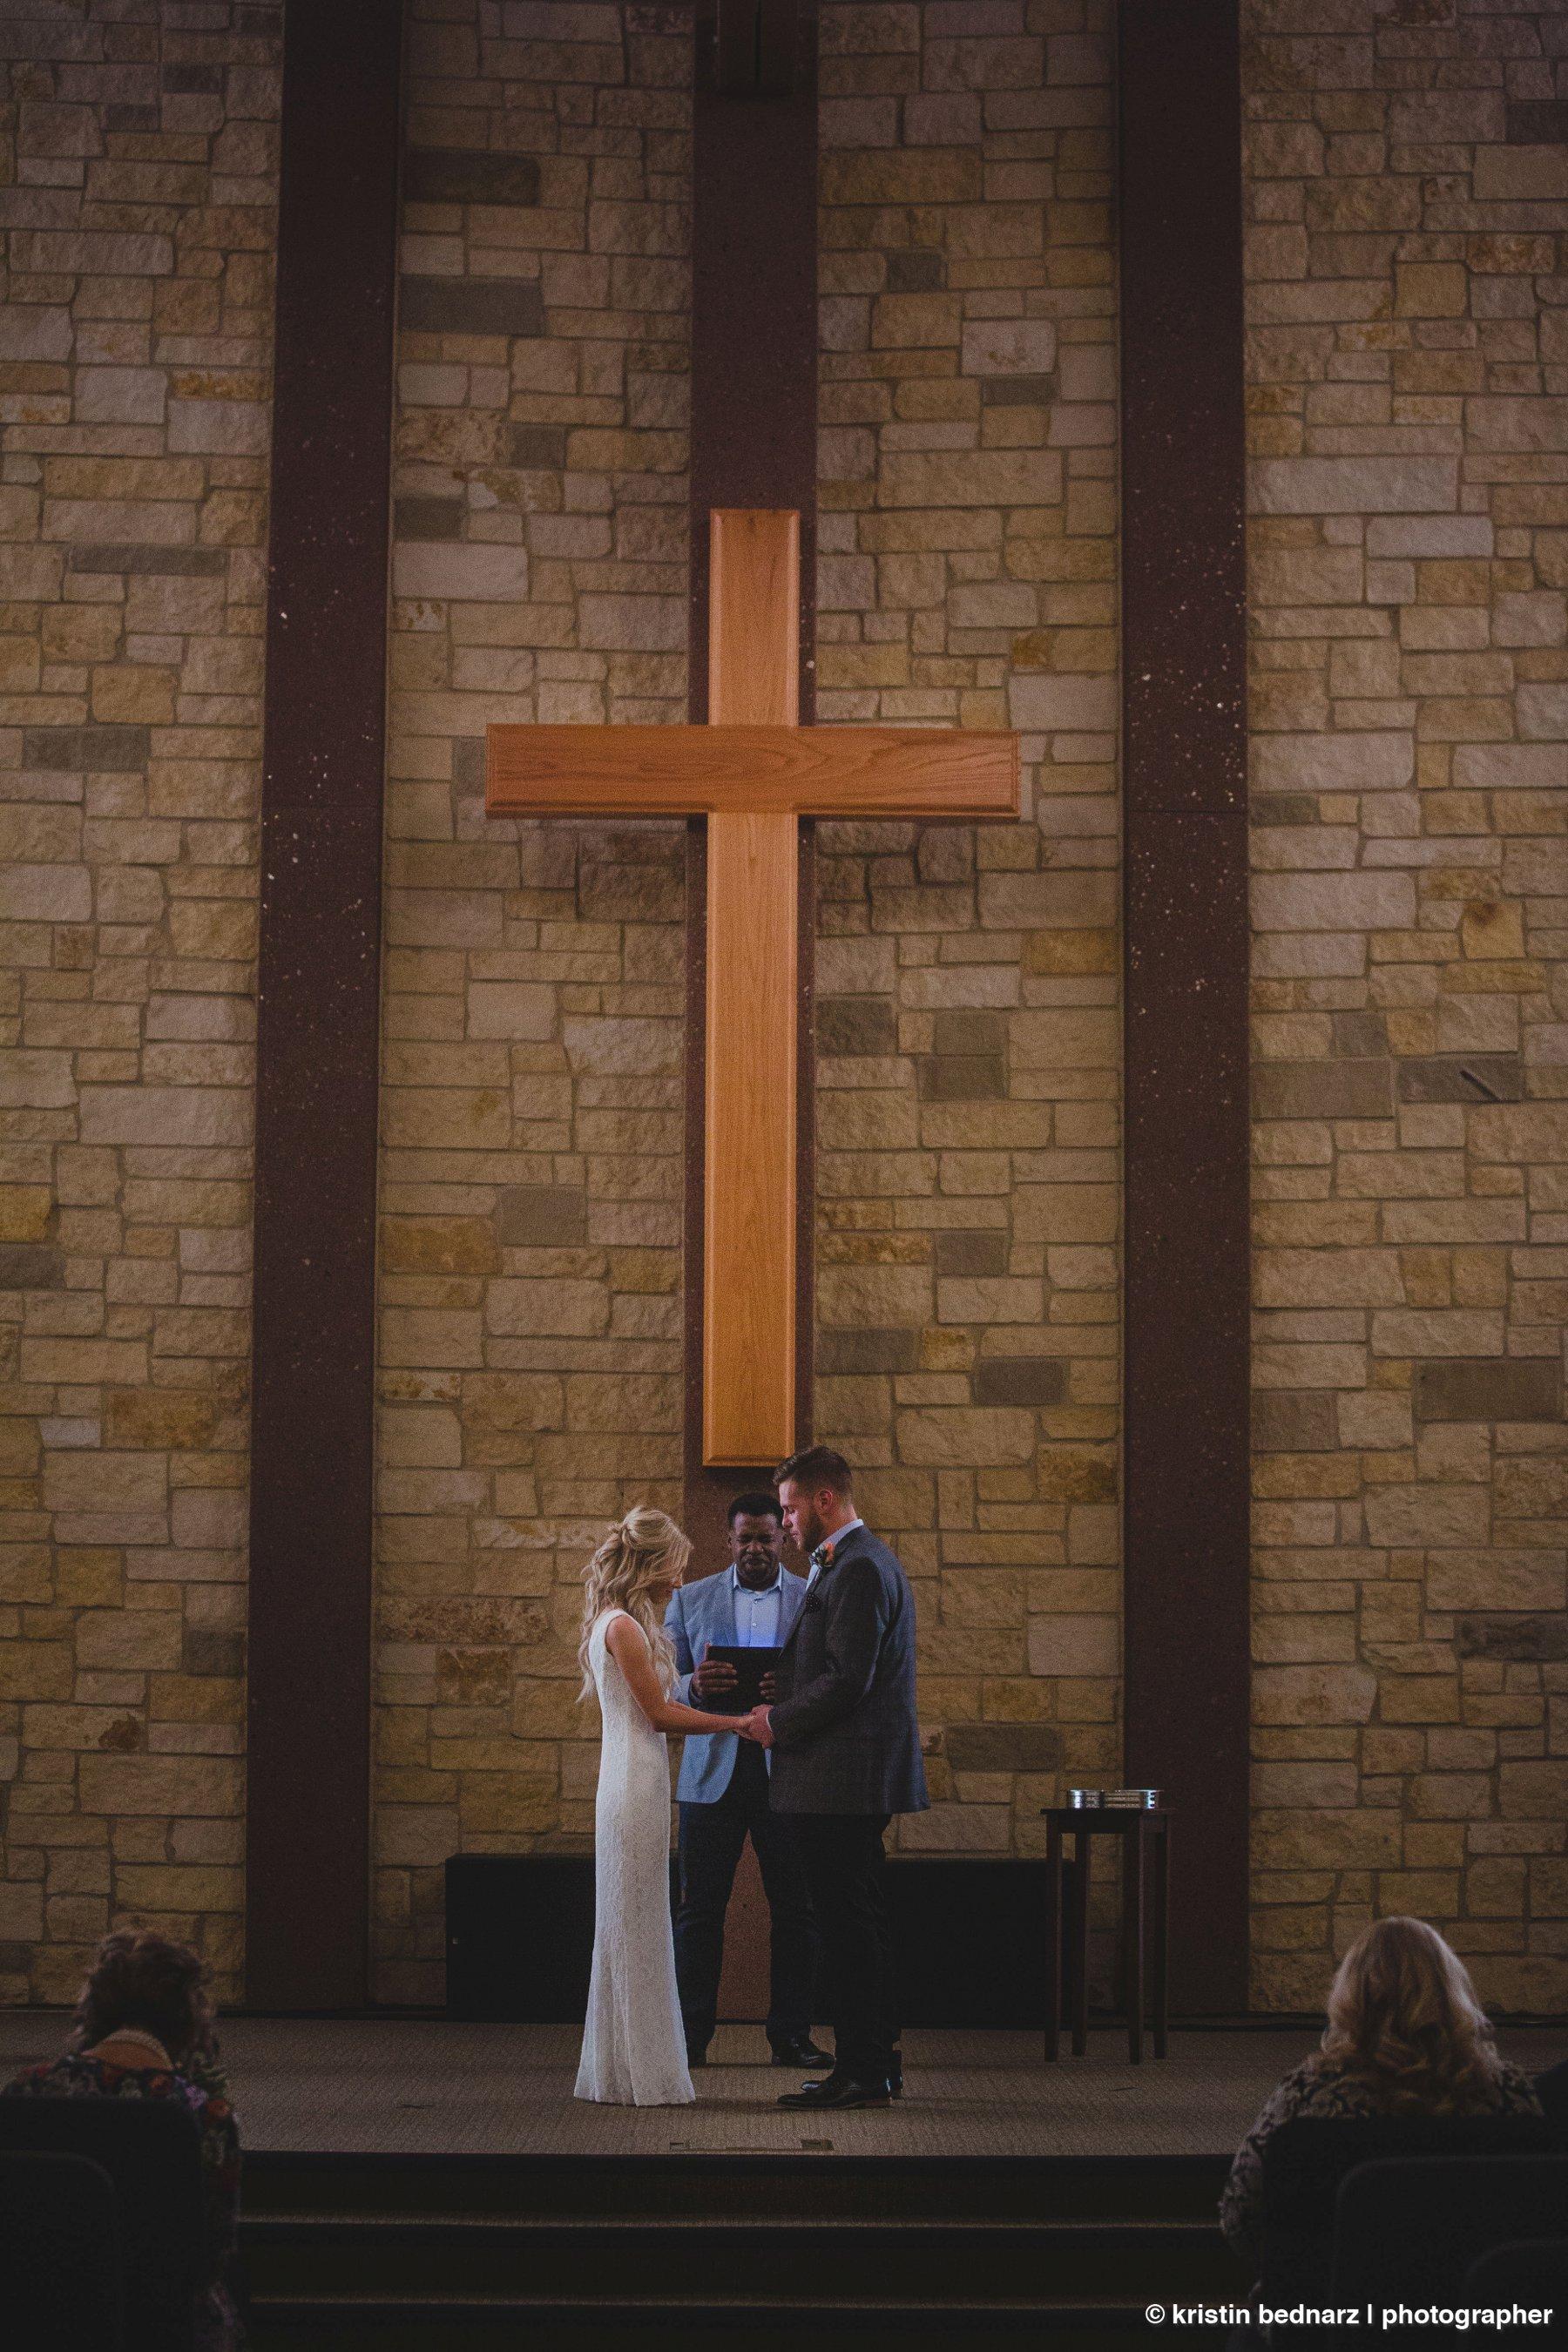 kristin_bednarz_wedding_photographer_20190214_00041sneak_peek.JPG